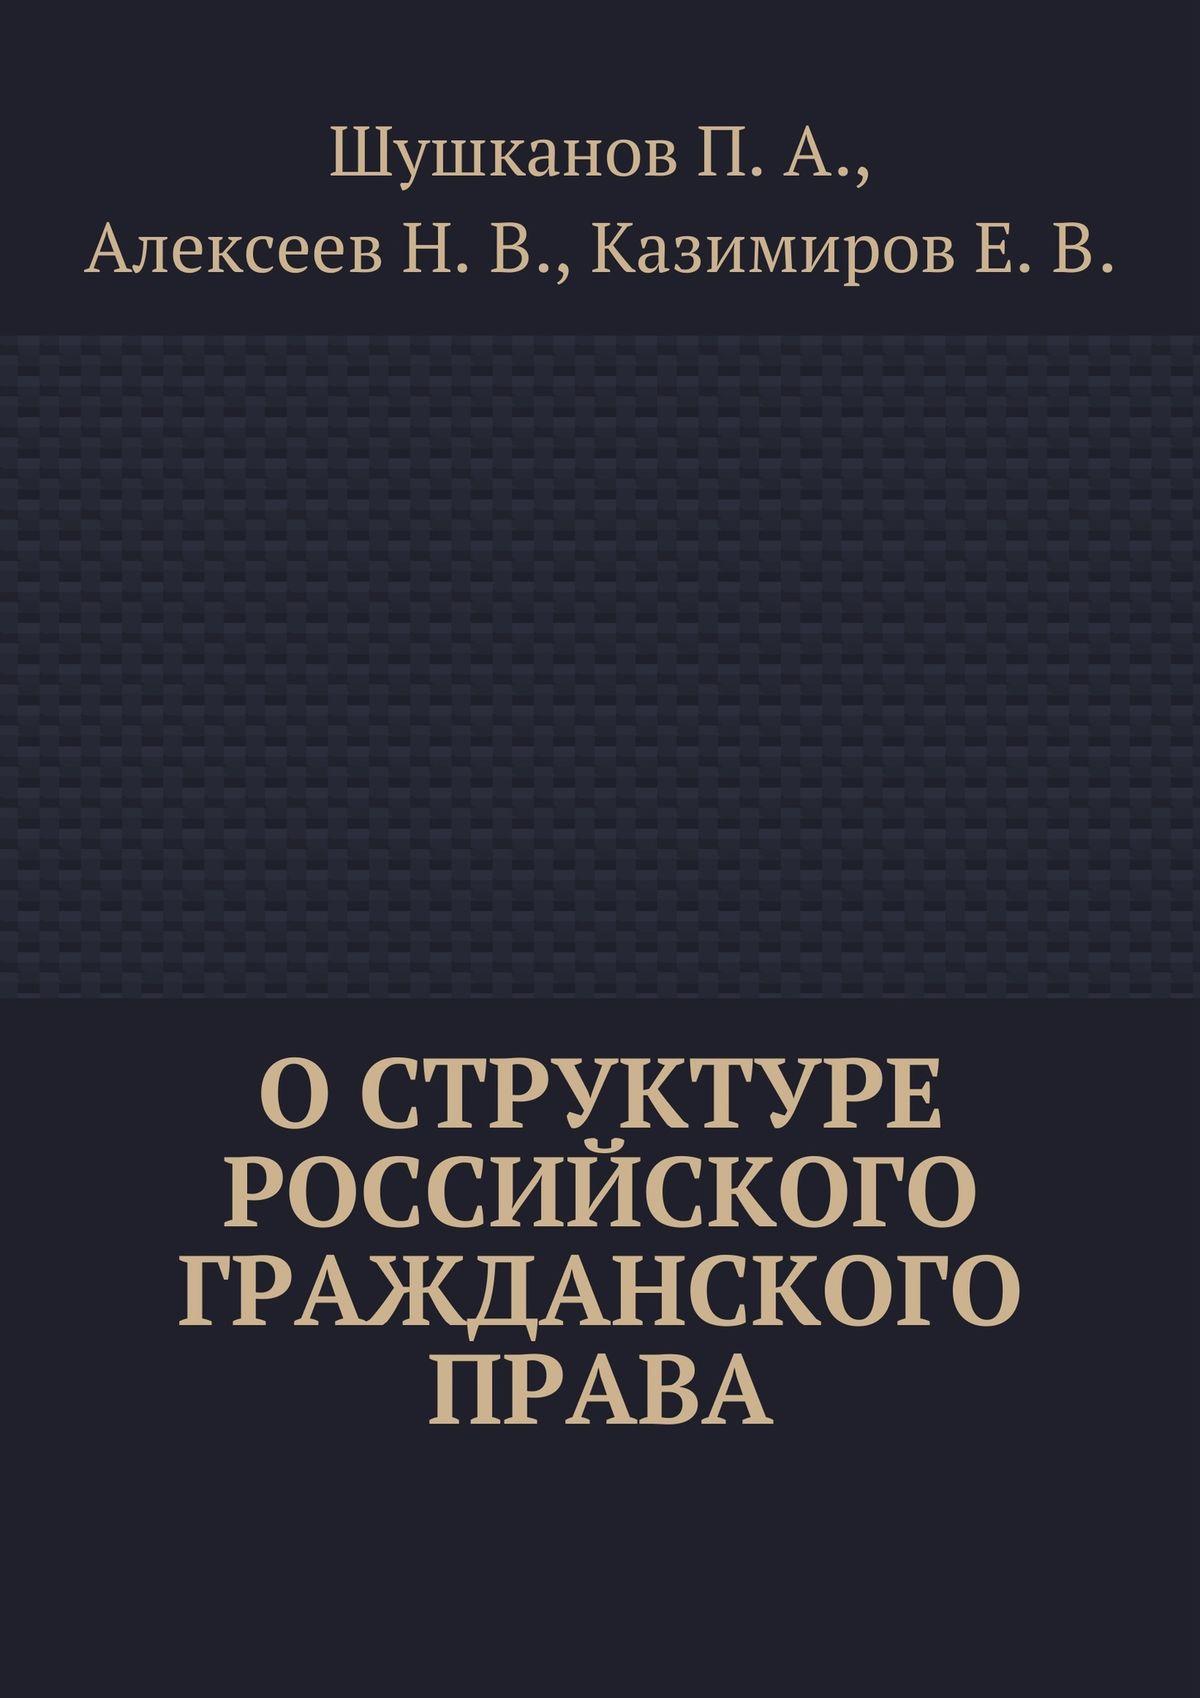 Оструктуре российского гражданского права